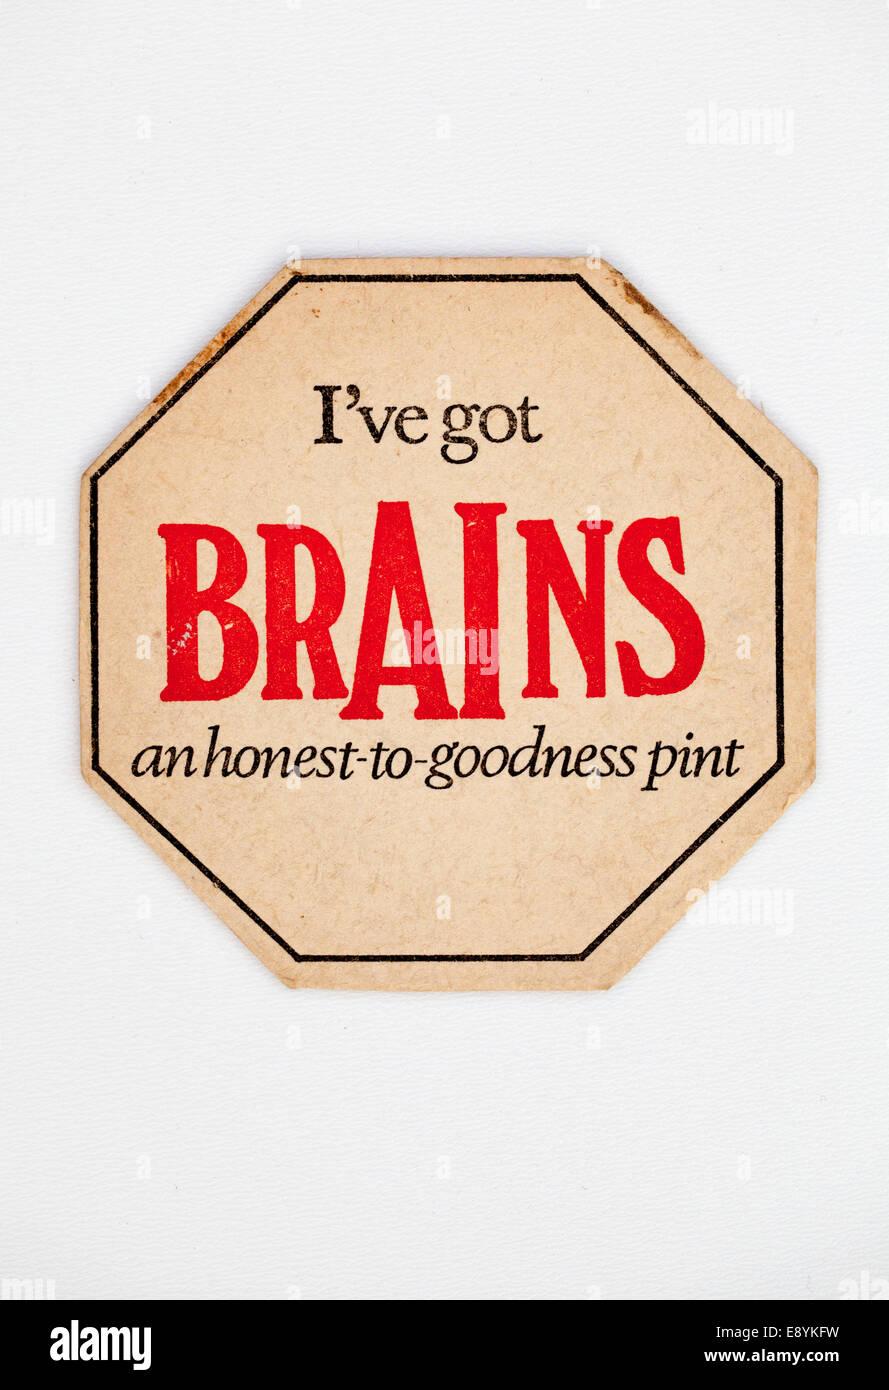 Vintage Old British Welsh Beer Mat advertising Brains Beers Stock Photo